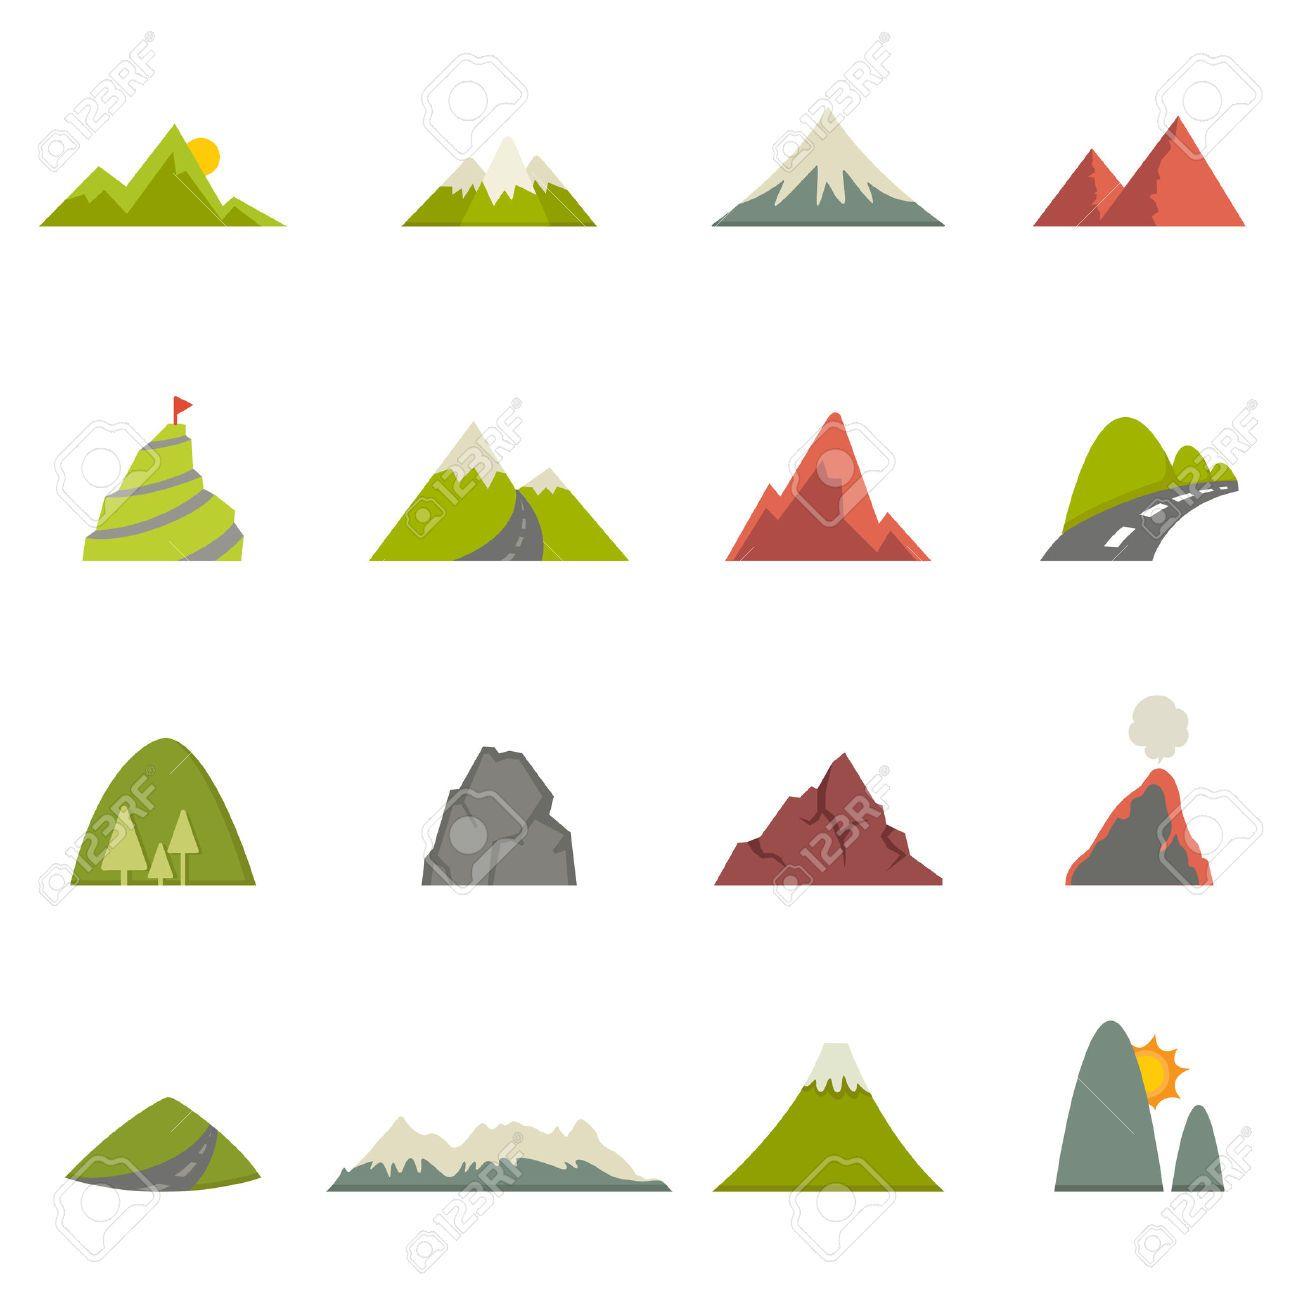 Mountain Flatdesign: Mountain Illustration - Google